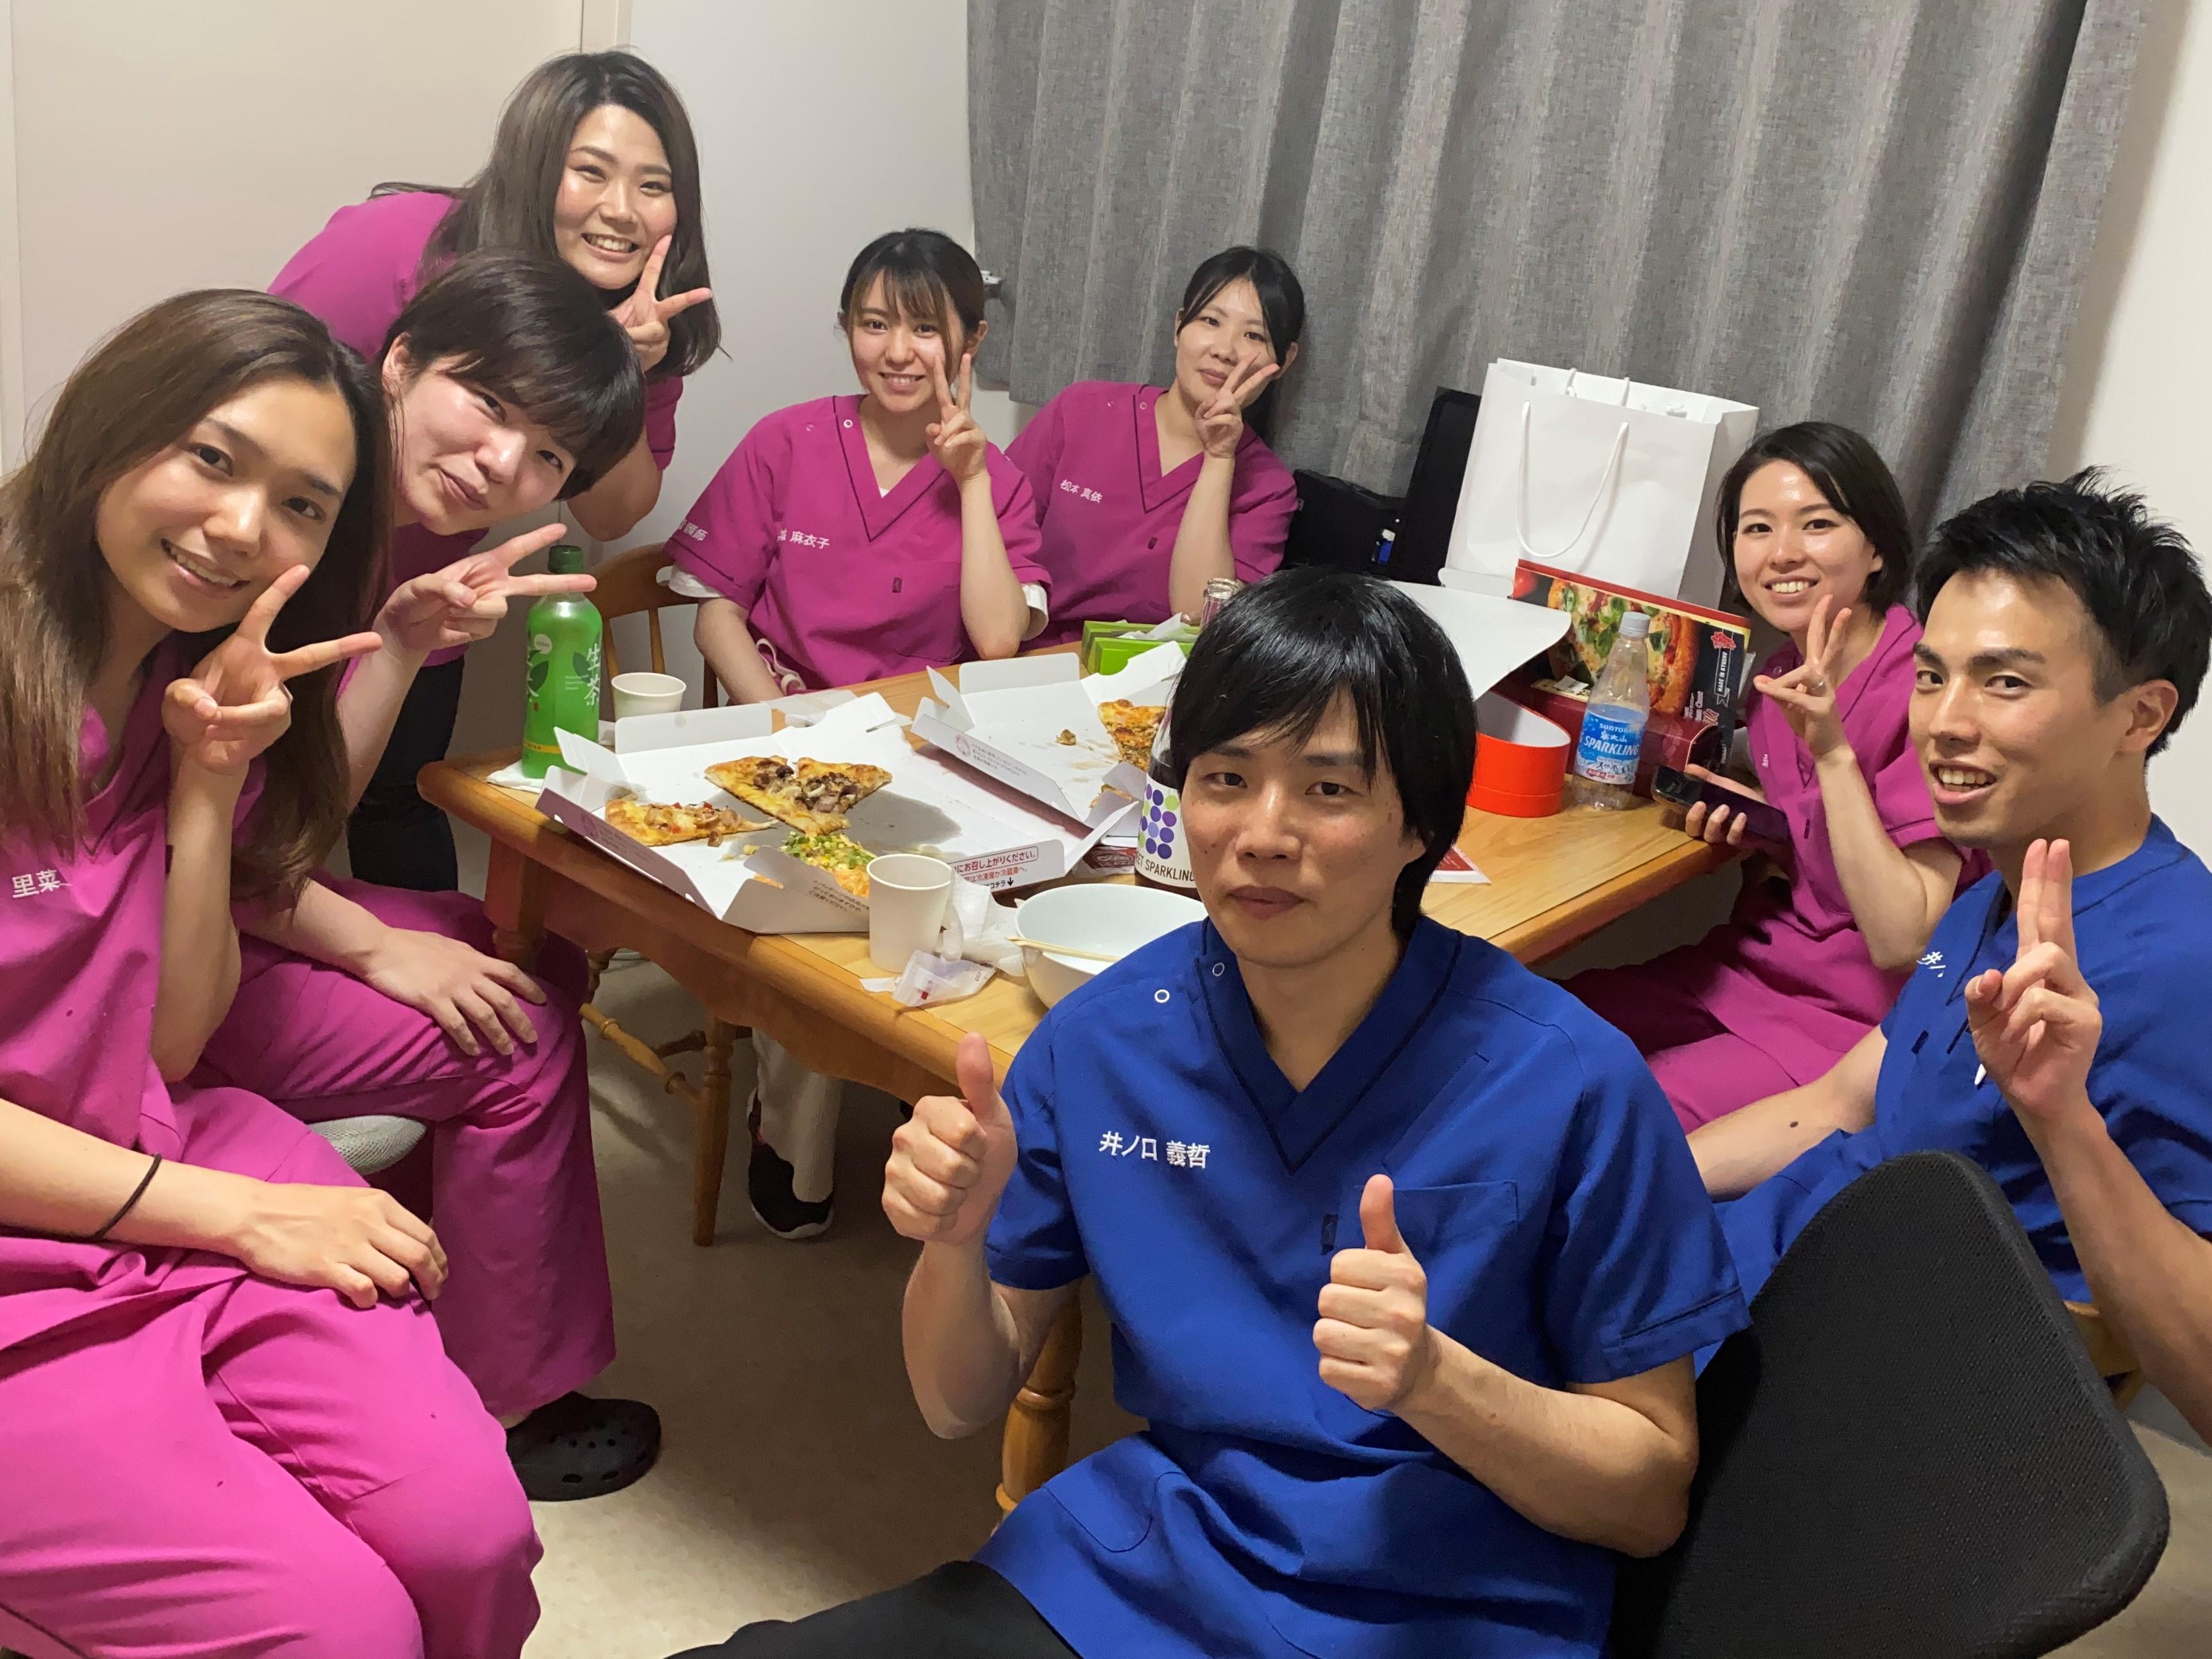 福岡市東区 動物看護師募集【中途パート採用・経験者歓迎】